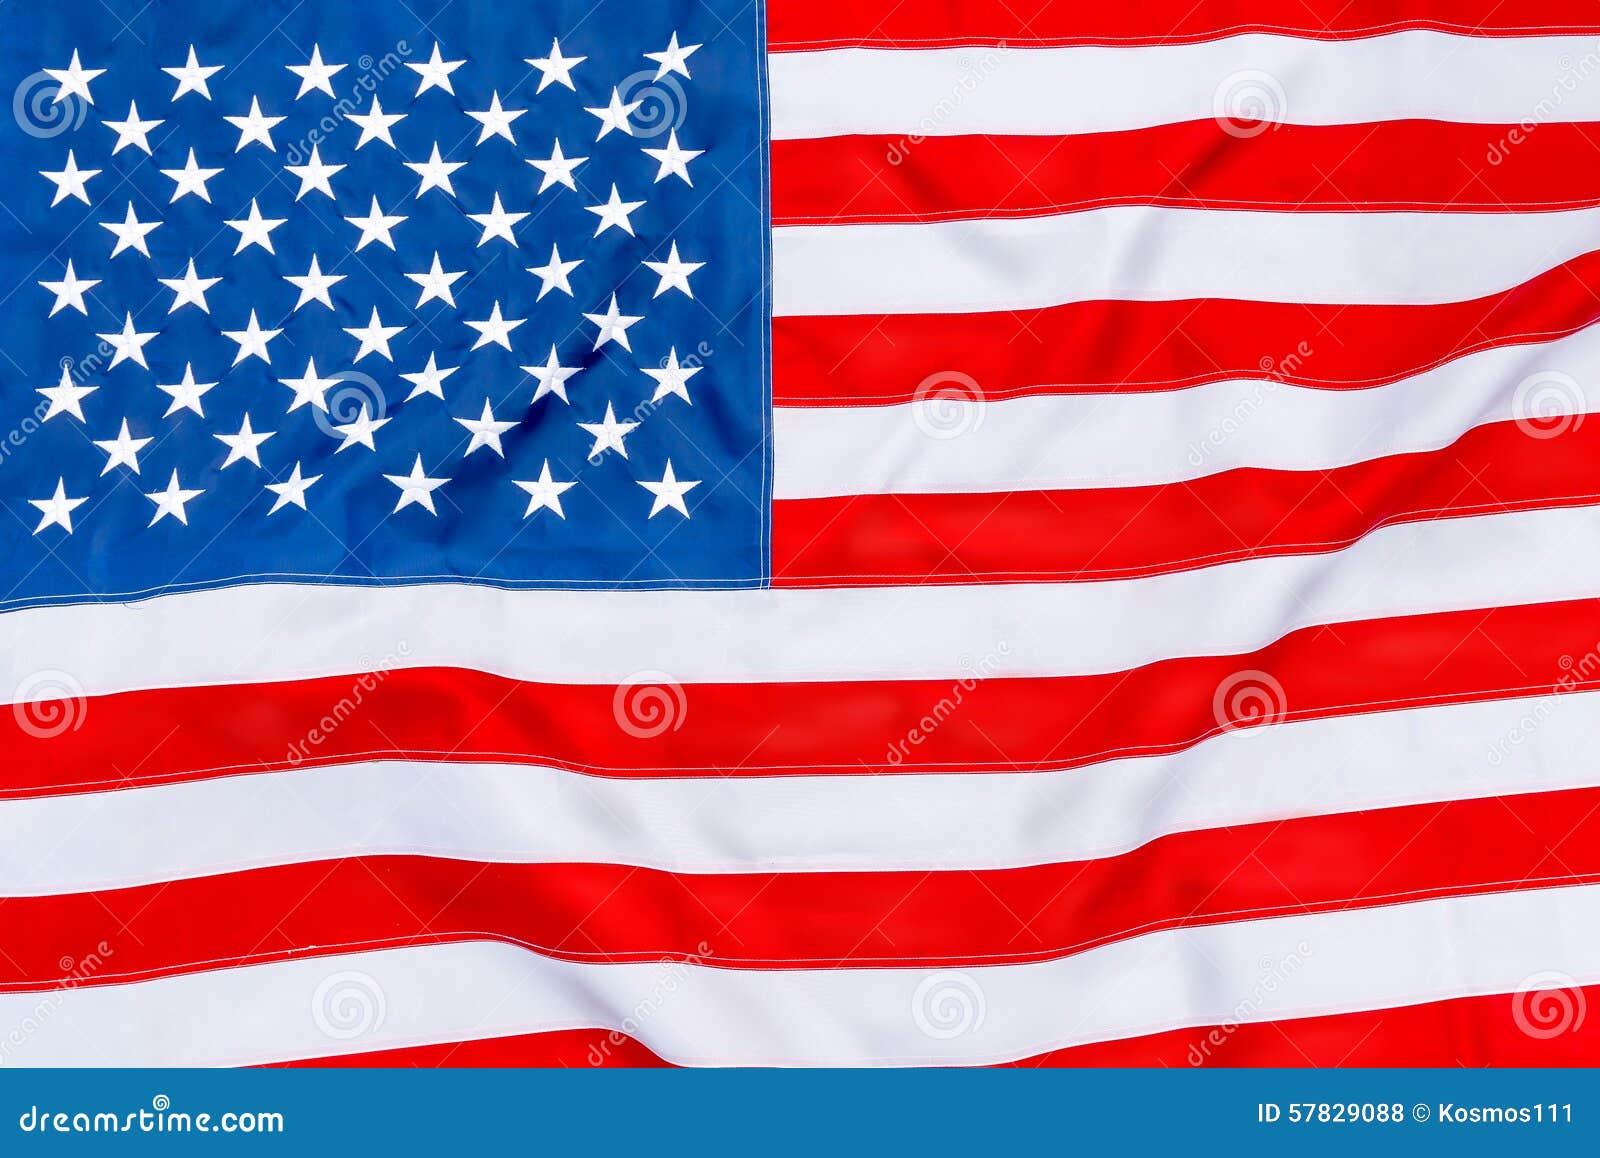 Amerikanische Flagge Füllt Den Rahmen Vollständig Und Das Flattern ...